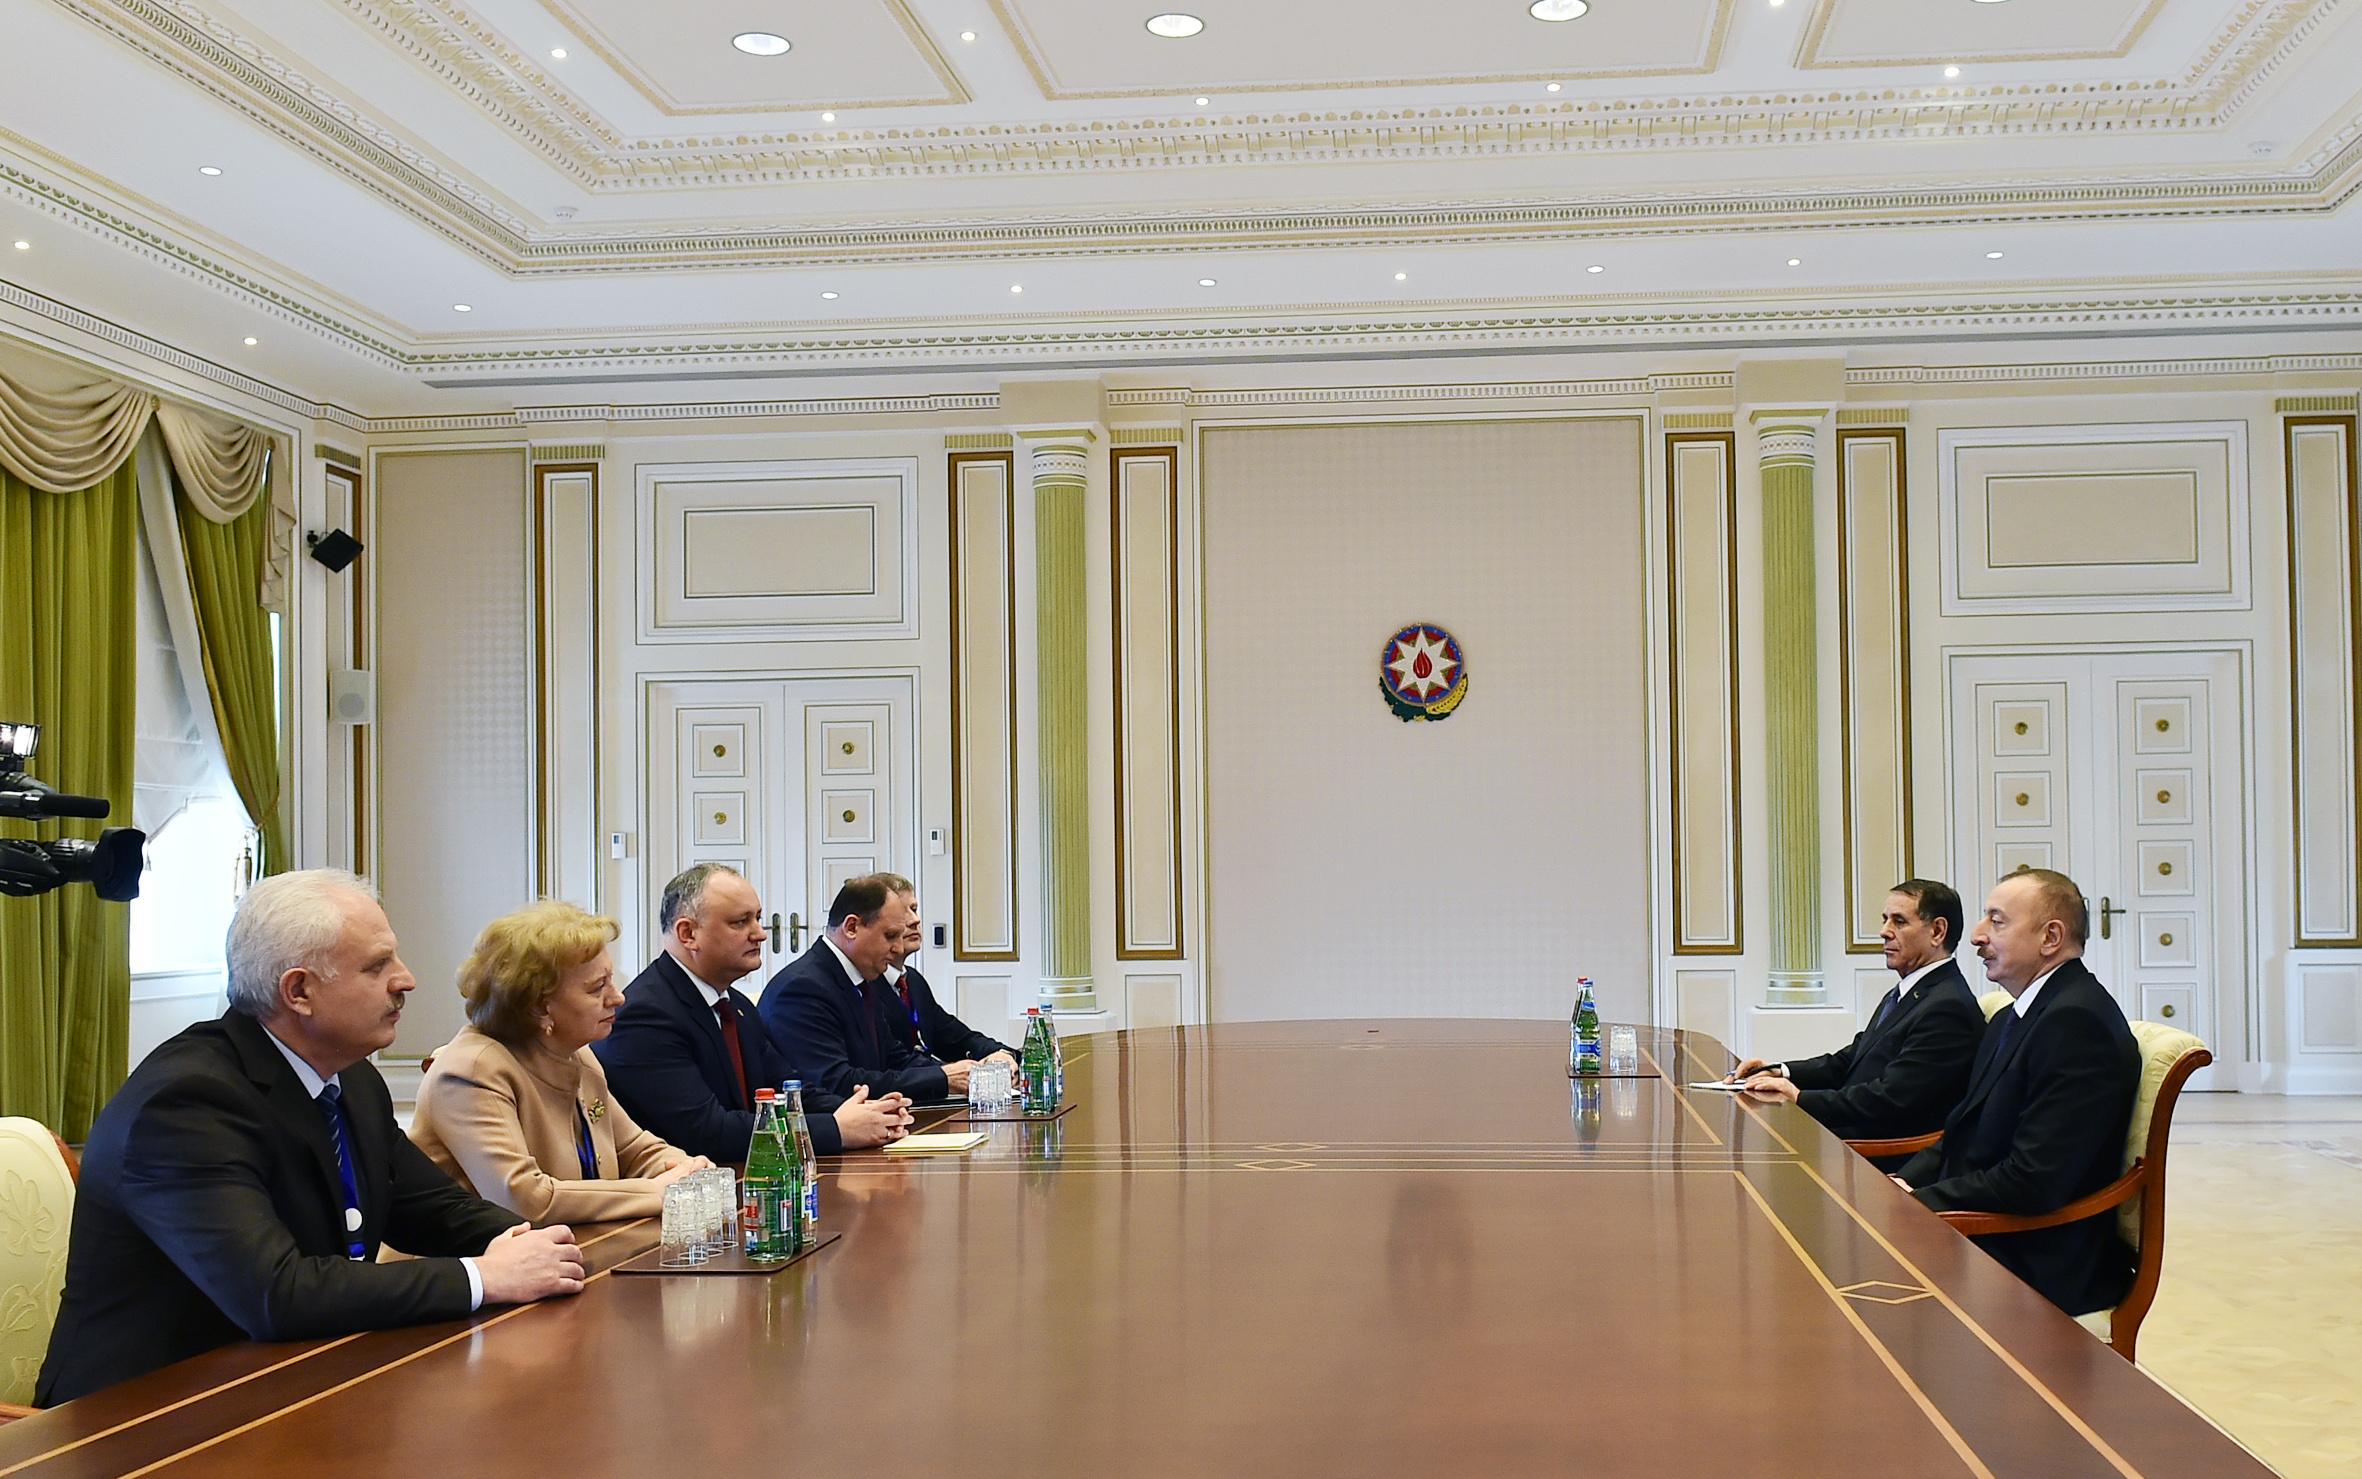 Состоялась встреча президента Азербайджана Ильхама Алиева с главой Moлдовы Игорем Додоном - ОБНОВЛЕНО